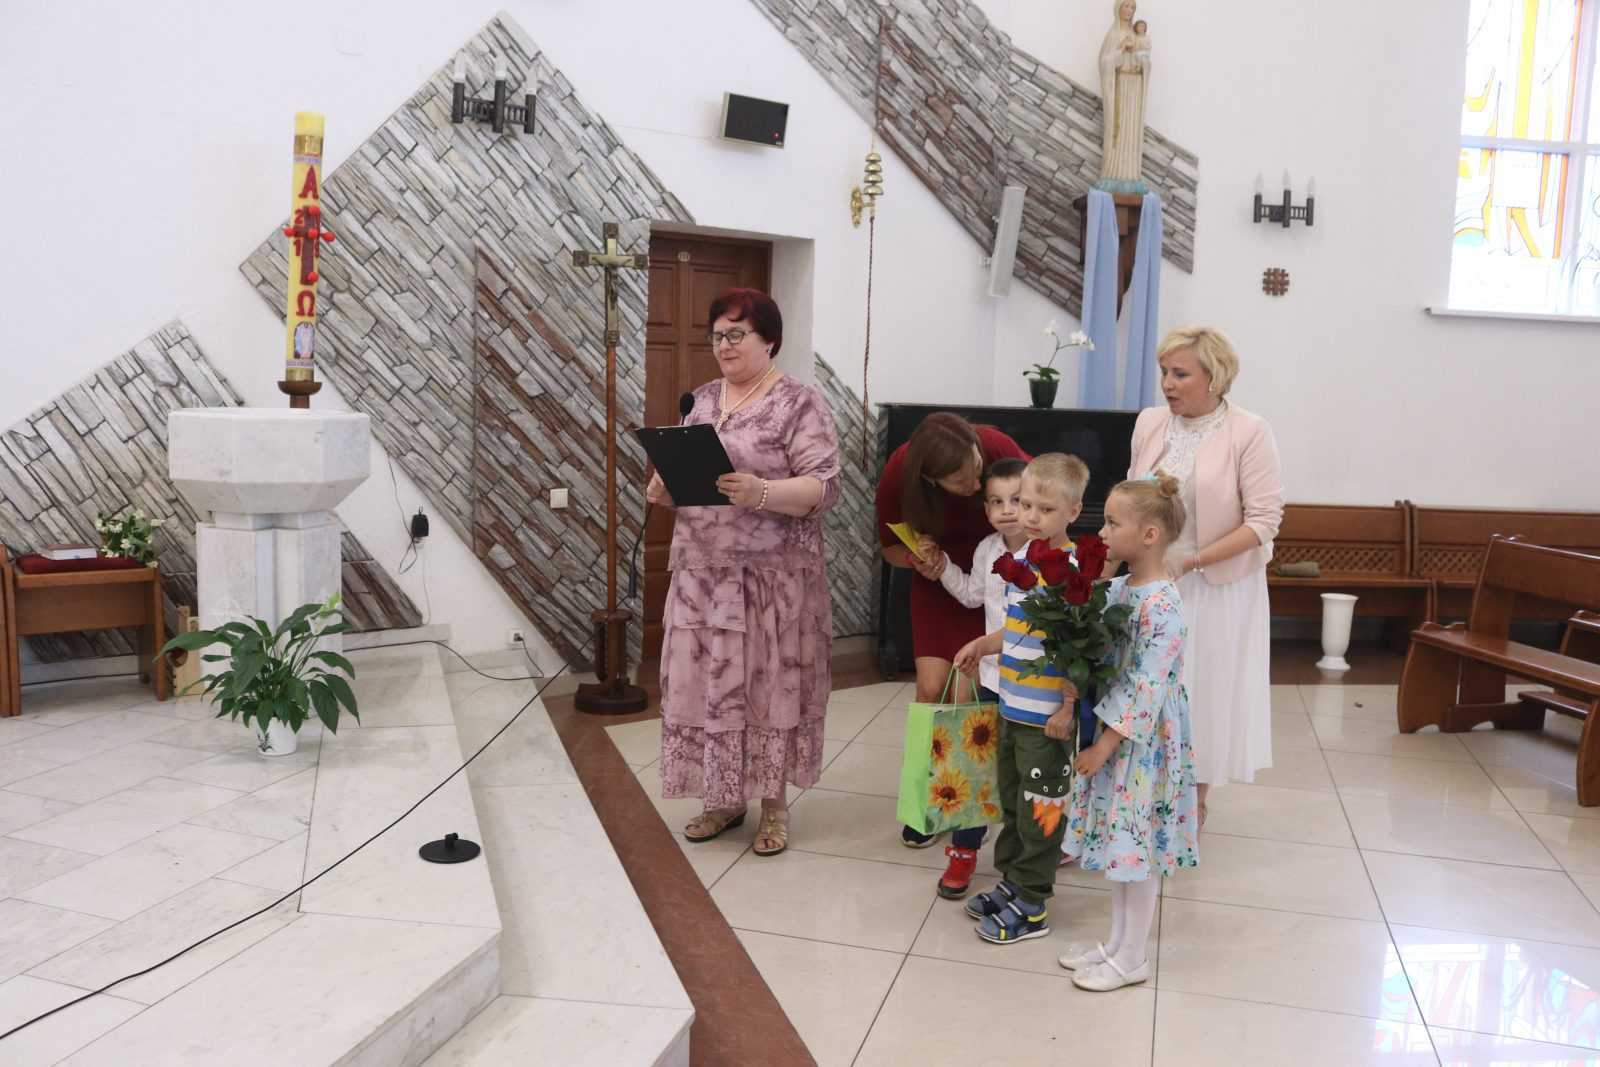 23 июня 2019 Влалыка Иосиф Верт посетил приход в Кемерово 8